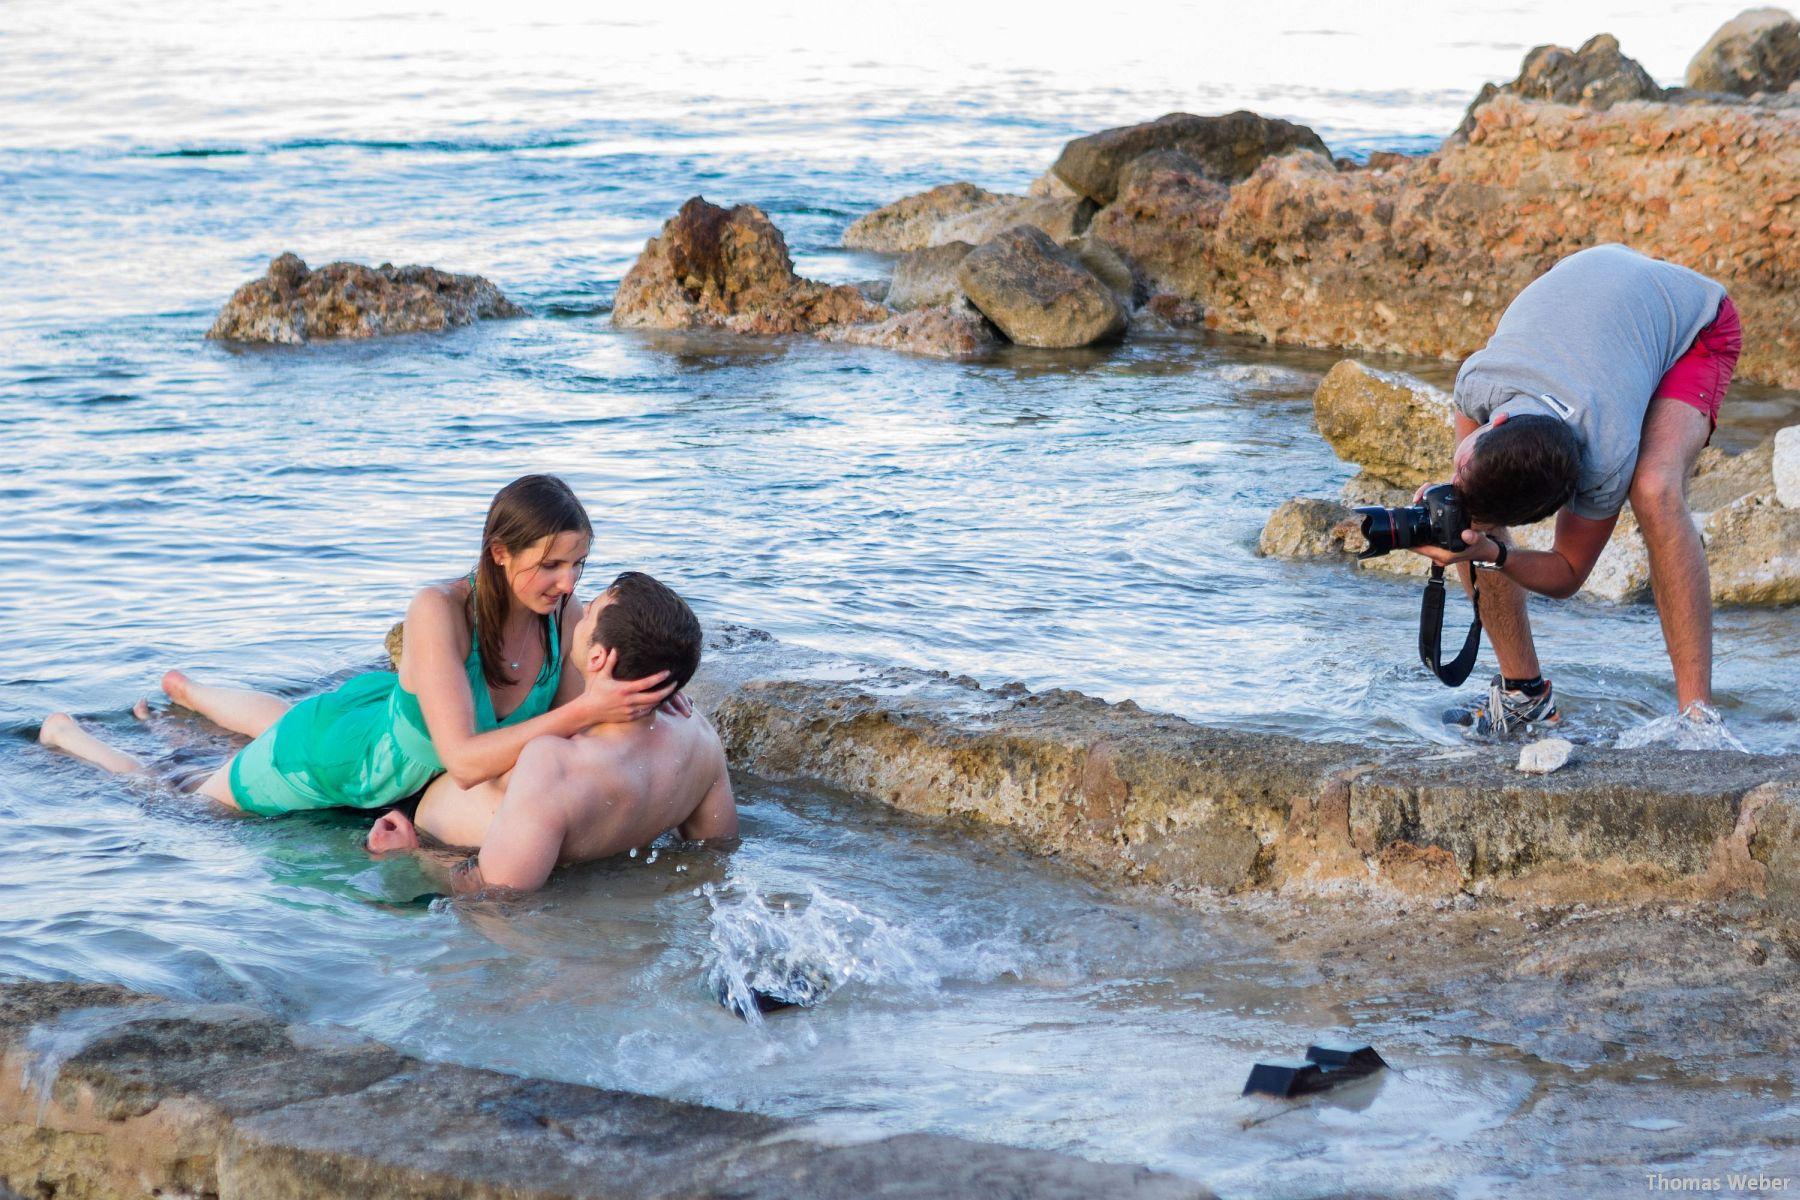 Hochzeitsfotograf Thomas Weber aus Oldenburg: Hochzeitsfotos und Paarfotos auf Mallorca (73)